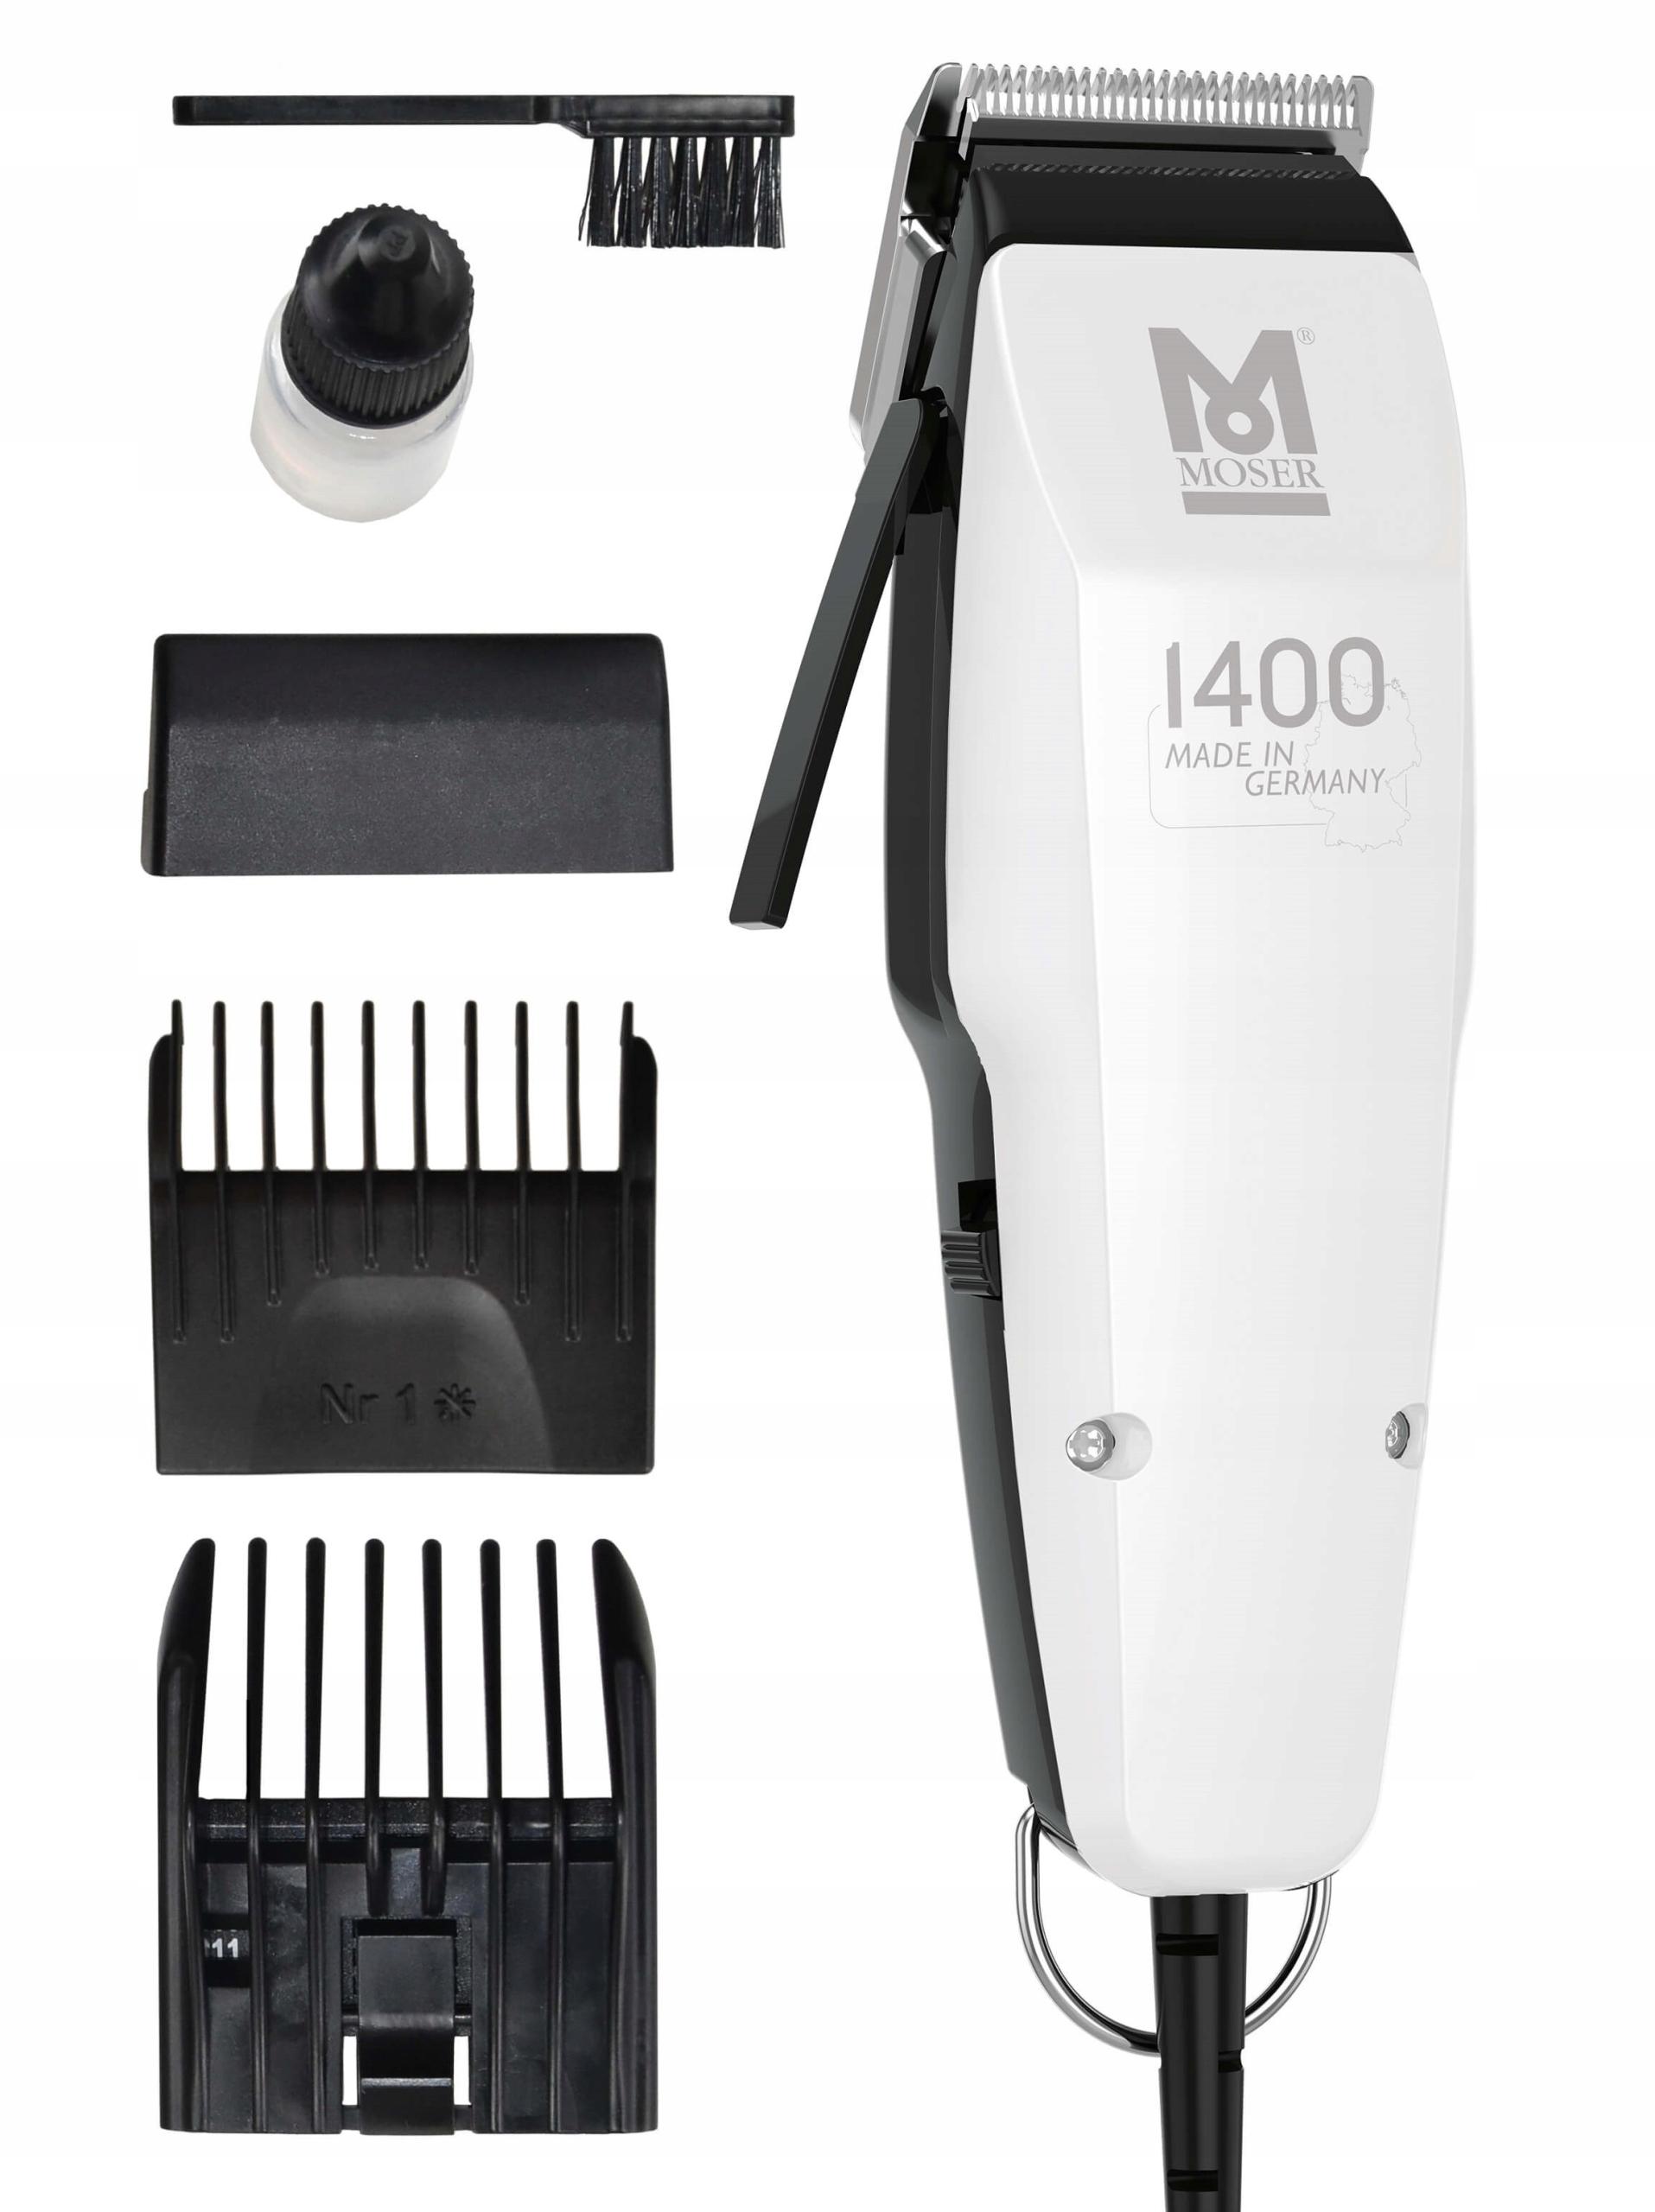 Maszynka Do Włosów Moser 1400 Stal Profesjonalna 9195450668 Sklep Internetowy Agd Rtv Telefony Laptopy Allegro Pl